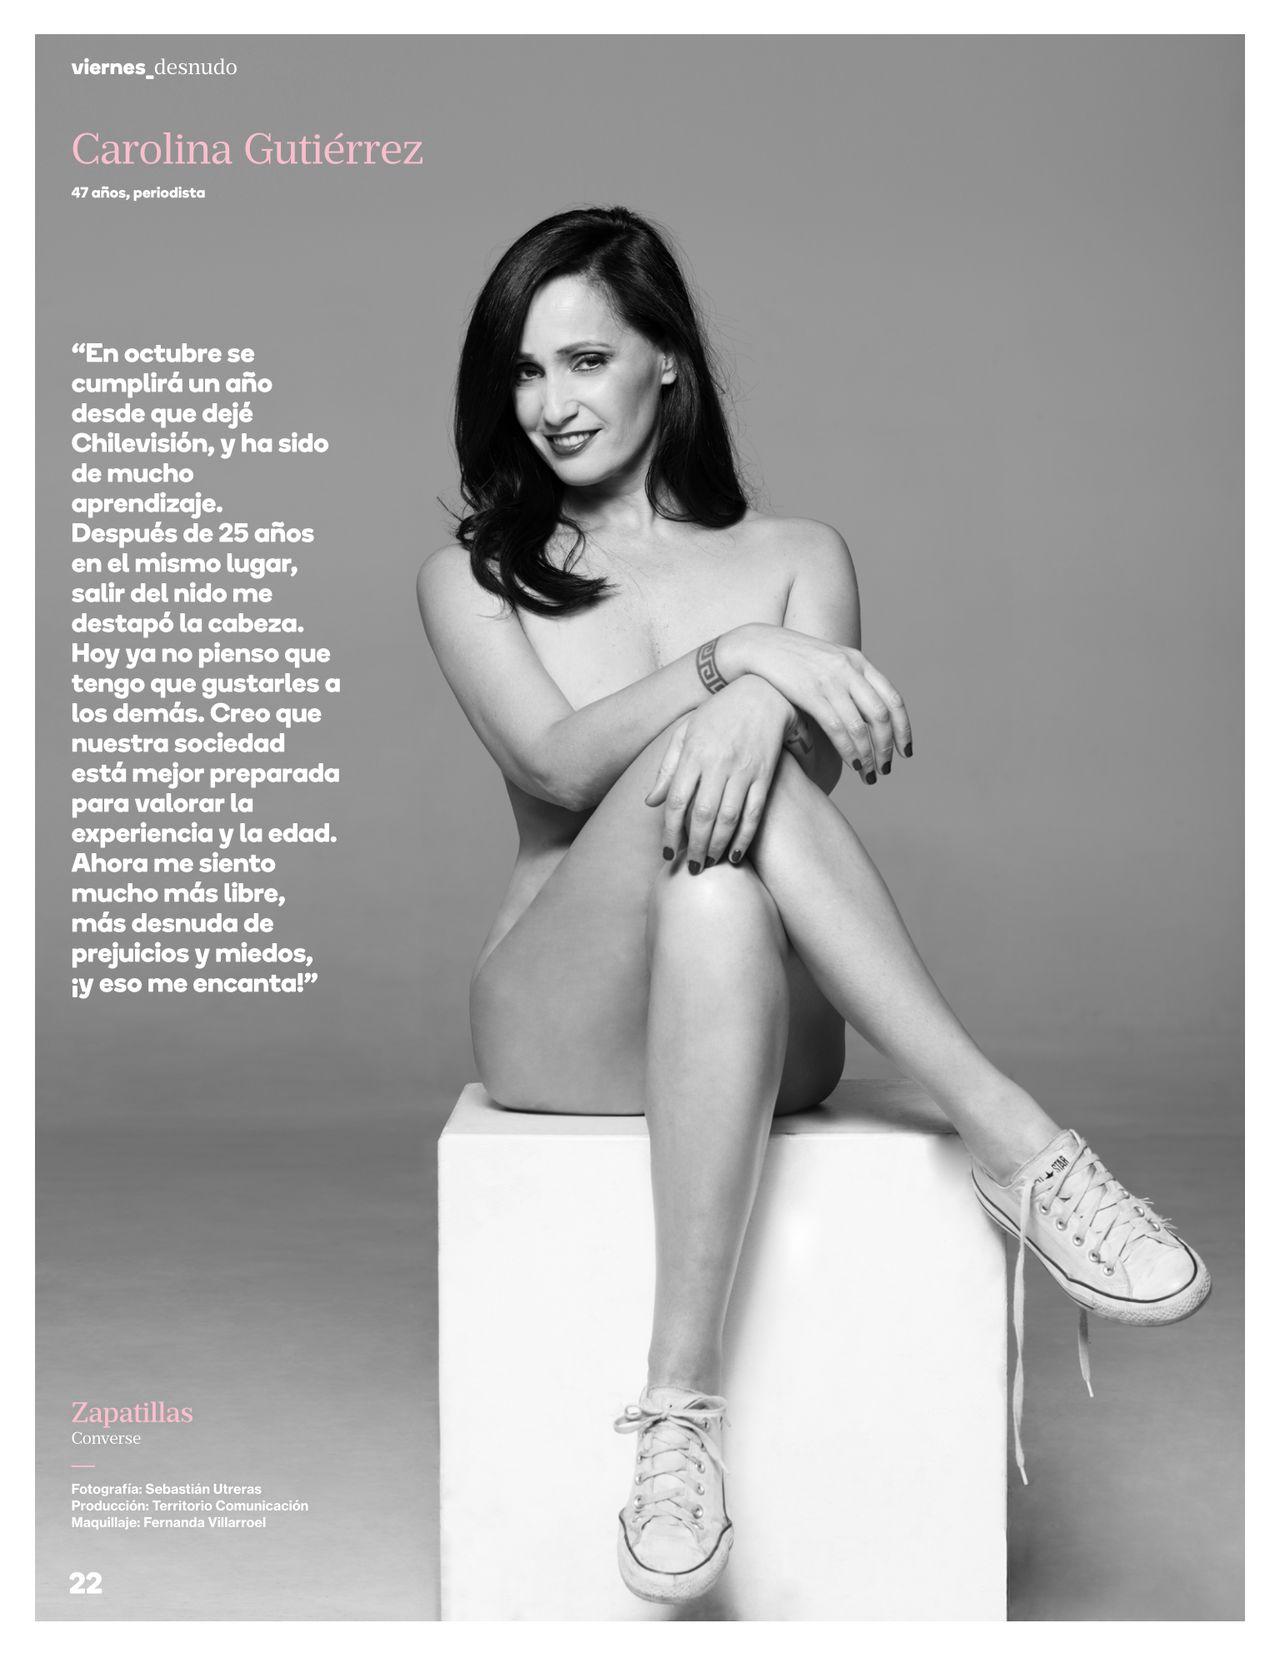 Conocida Periodista Se Atrevió A Posar Desnuda Para Una Revista Fmdos